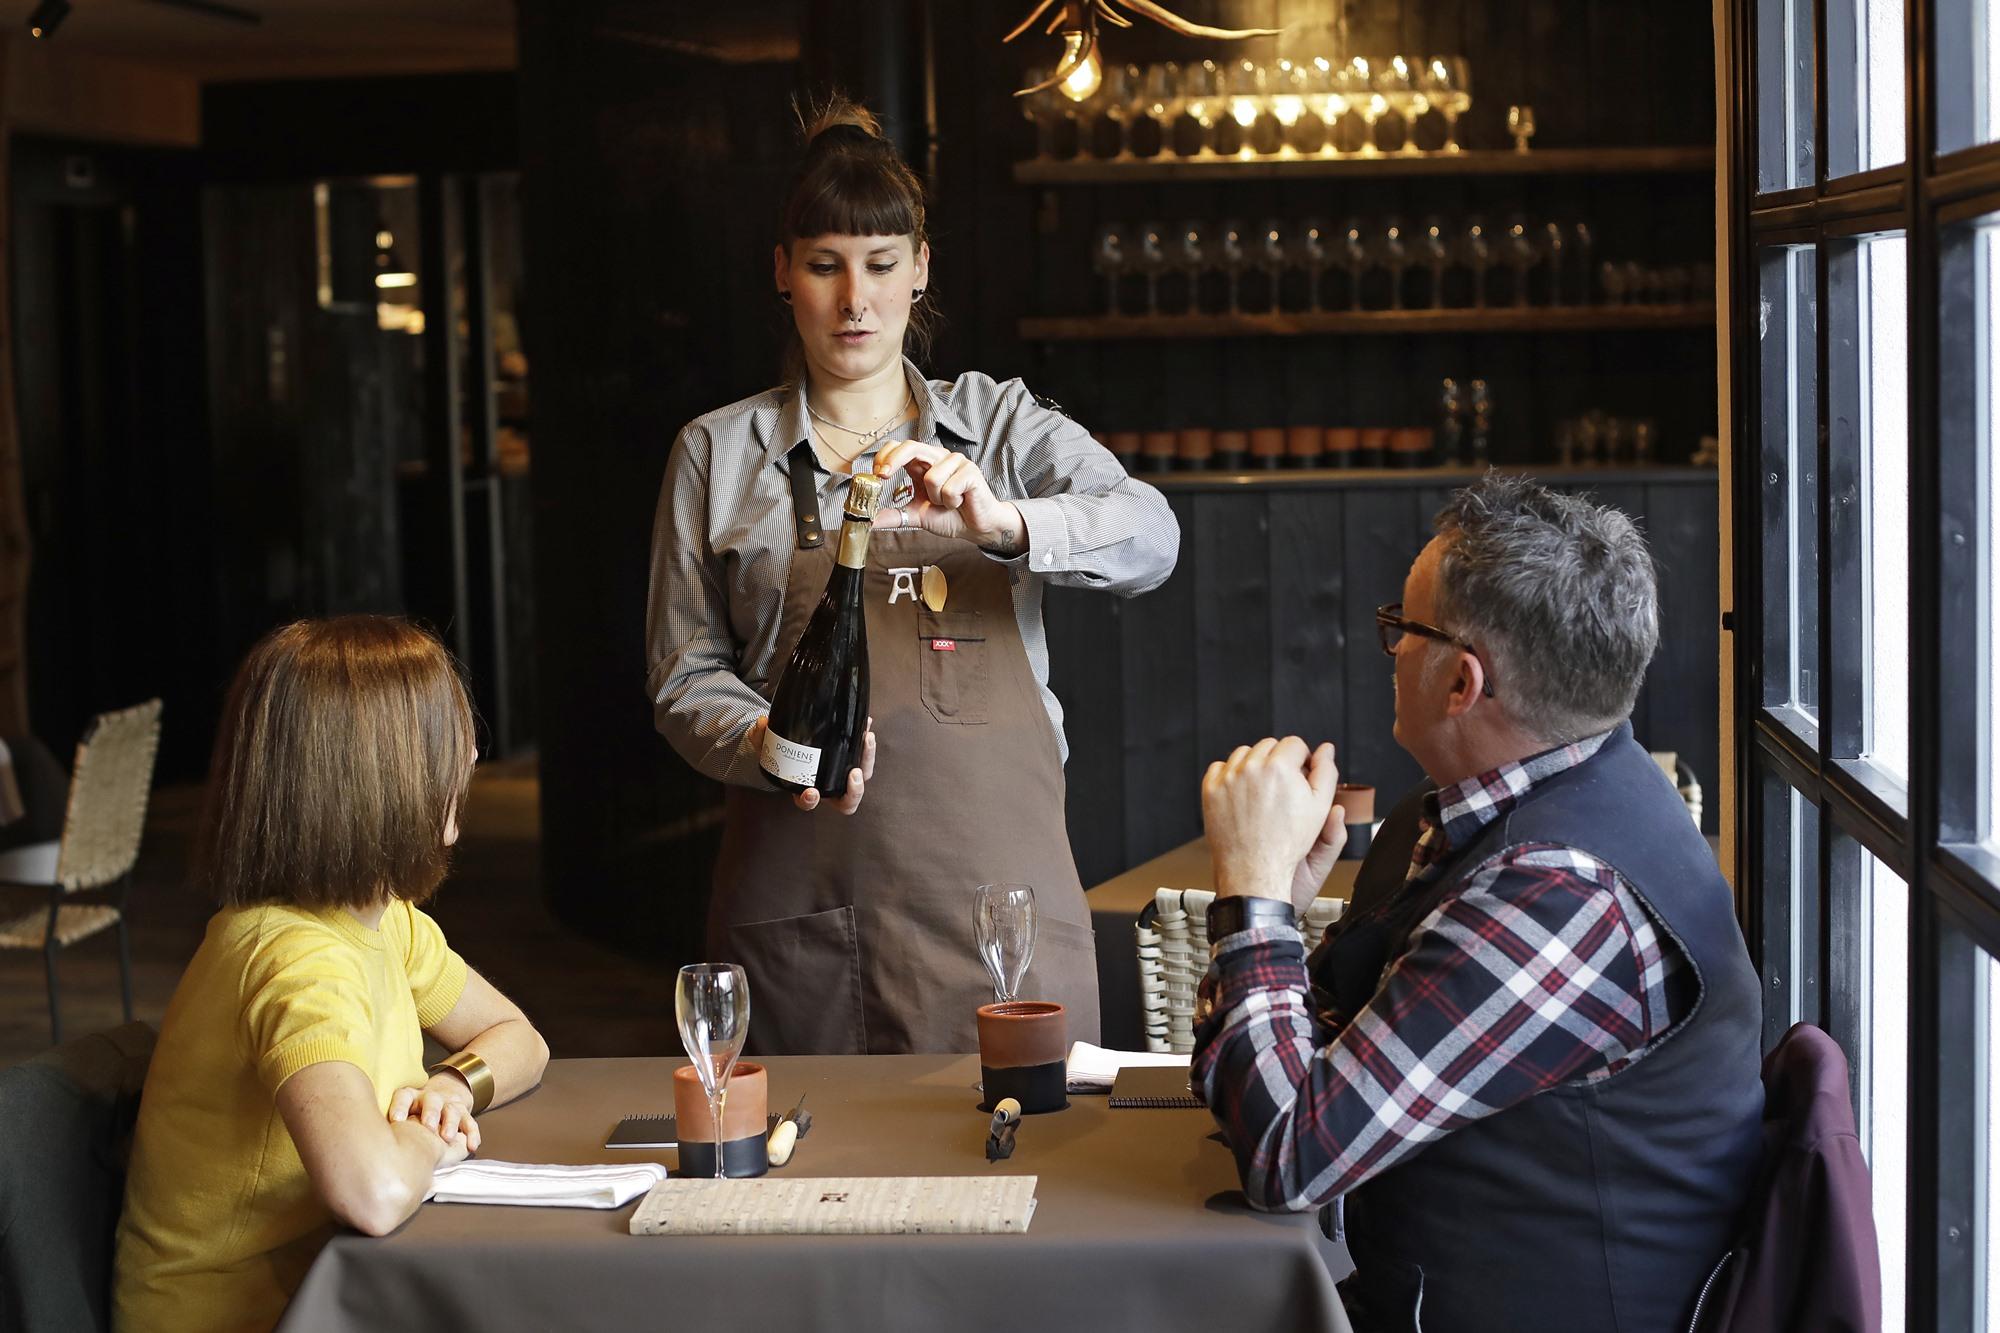 Aunque la atención va a la comida, 'Arrea!' cuenta con una carta de vinos suficientemente variada.